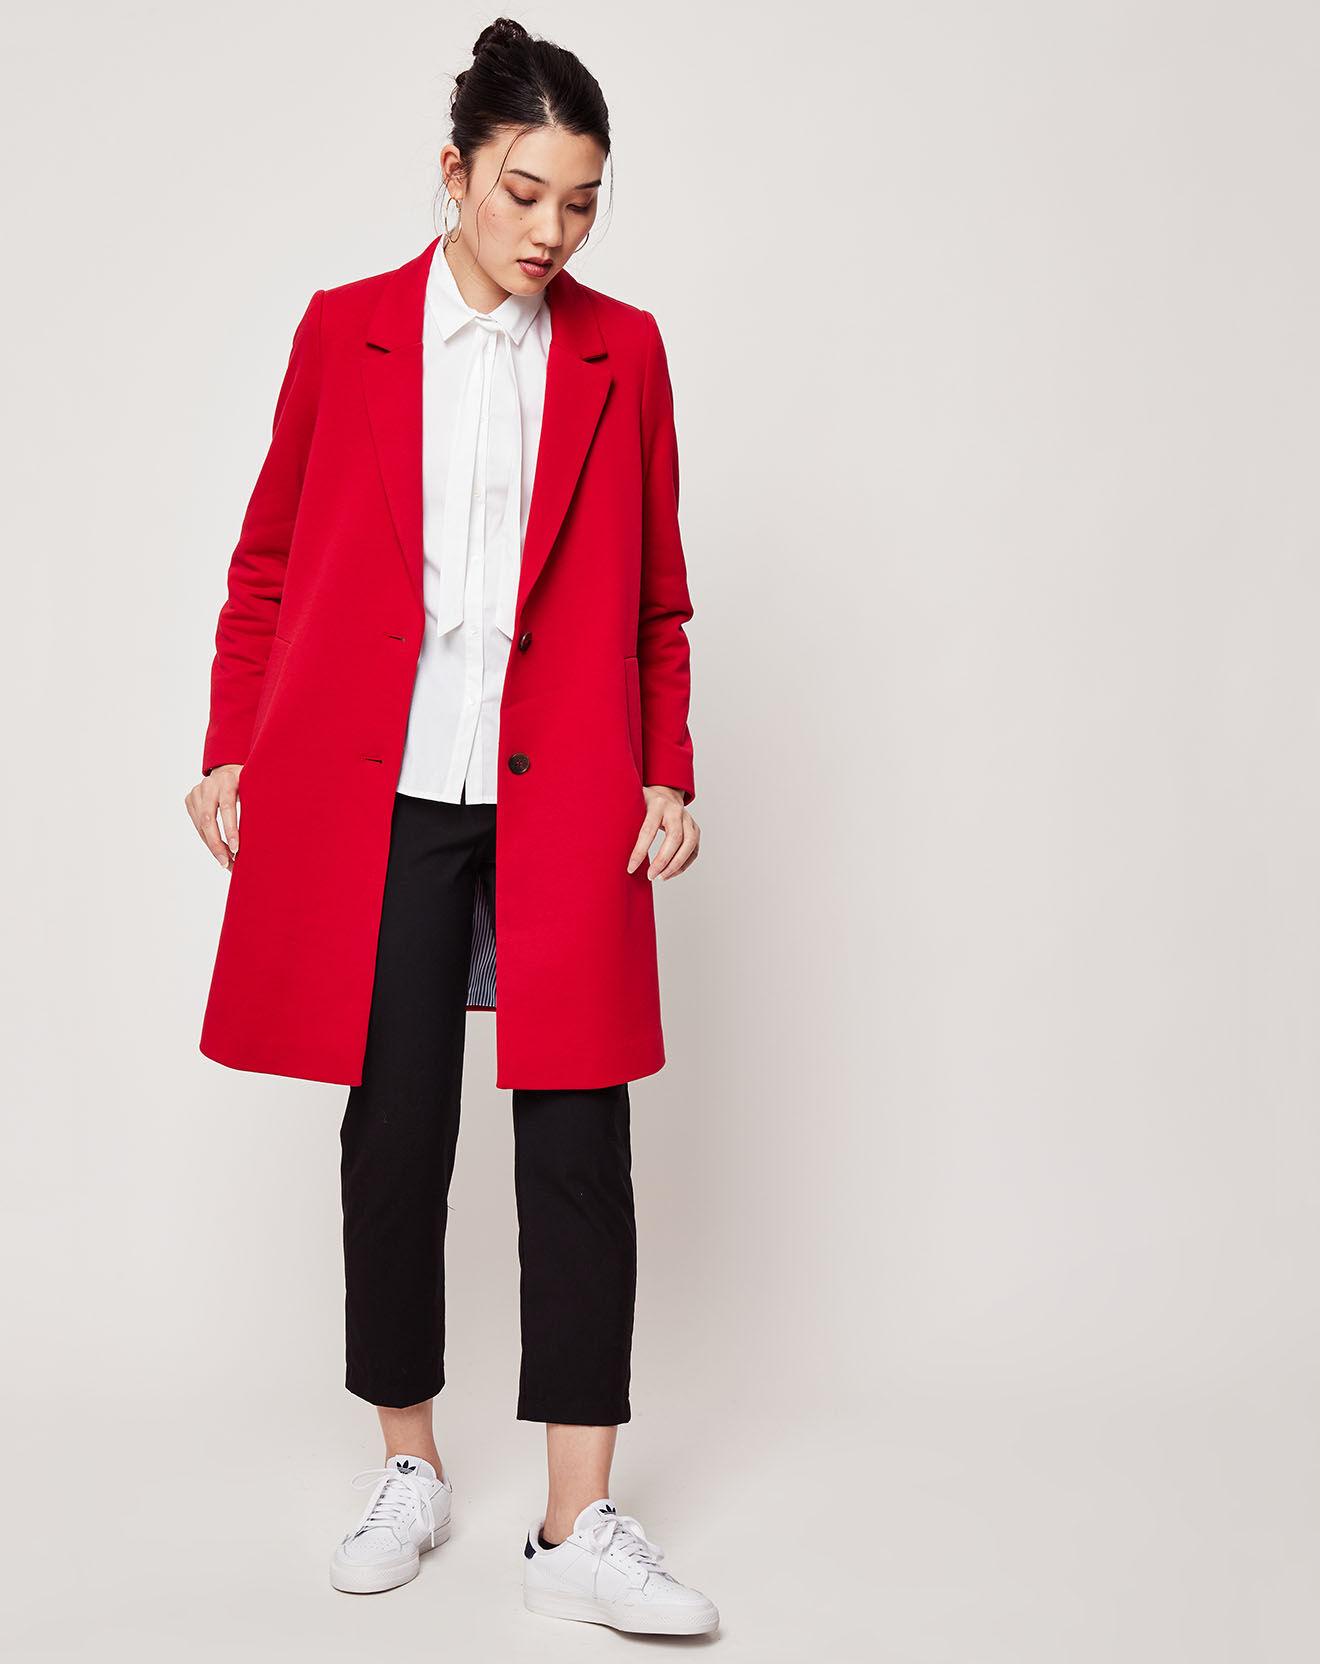 Manteau droit Jersey rouge - Esprit - Modalova